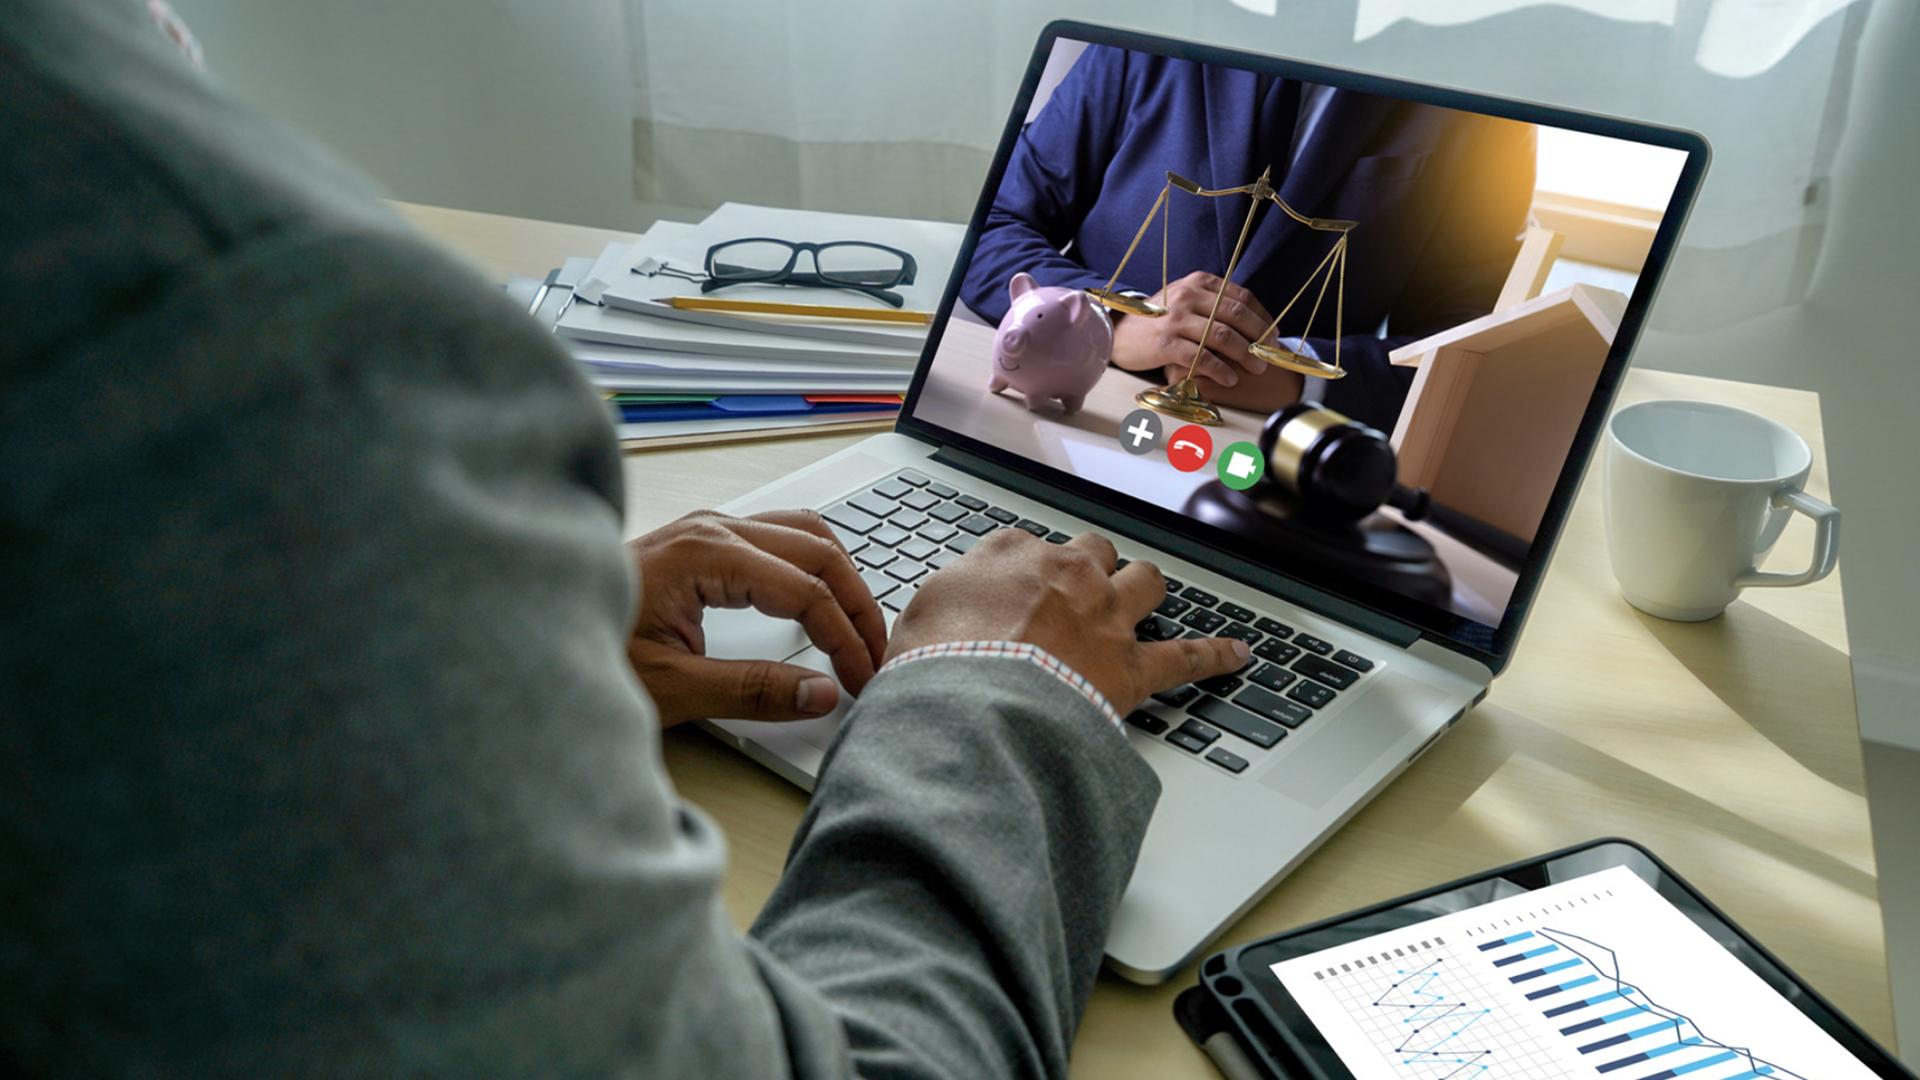 Durante la pandemia, gli strumenti di web meeting sono esplosi. Ma qual è l'uso responsabile delle piattaforme di videoconferenza?